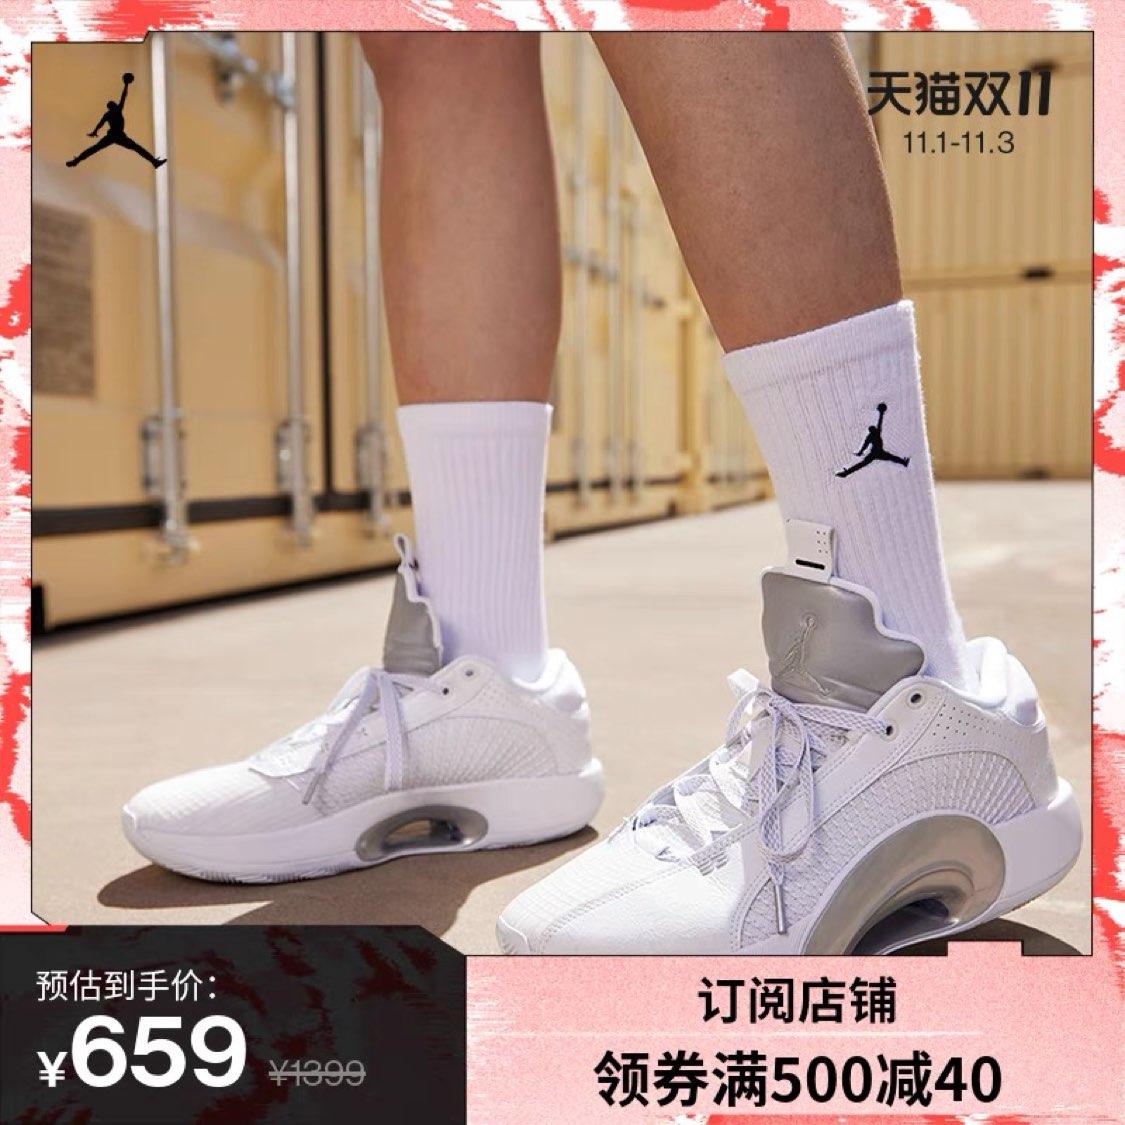 Jordan官方AIR JORDAN XXXV LOW PF AJ35男子篮球鞋低帮CW2459 659元